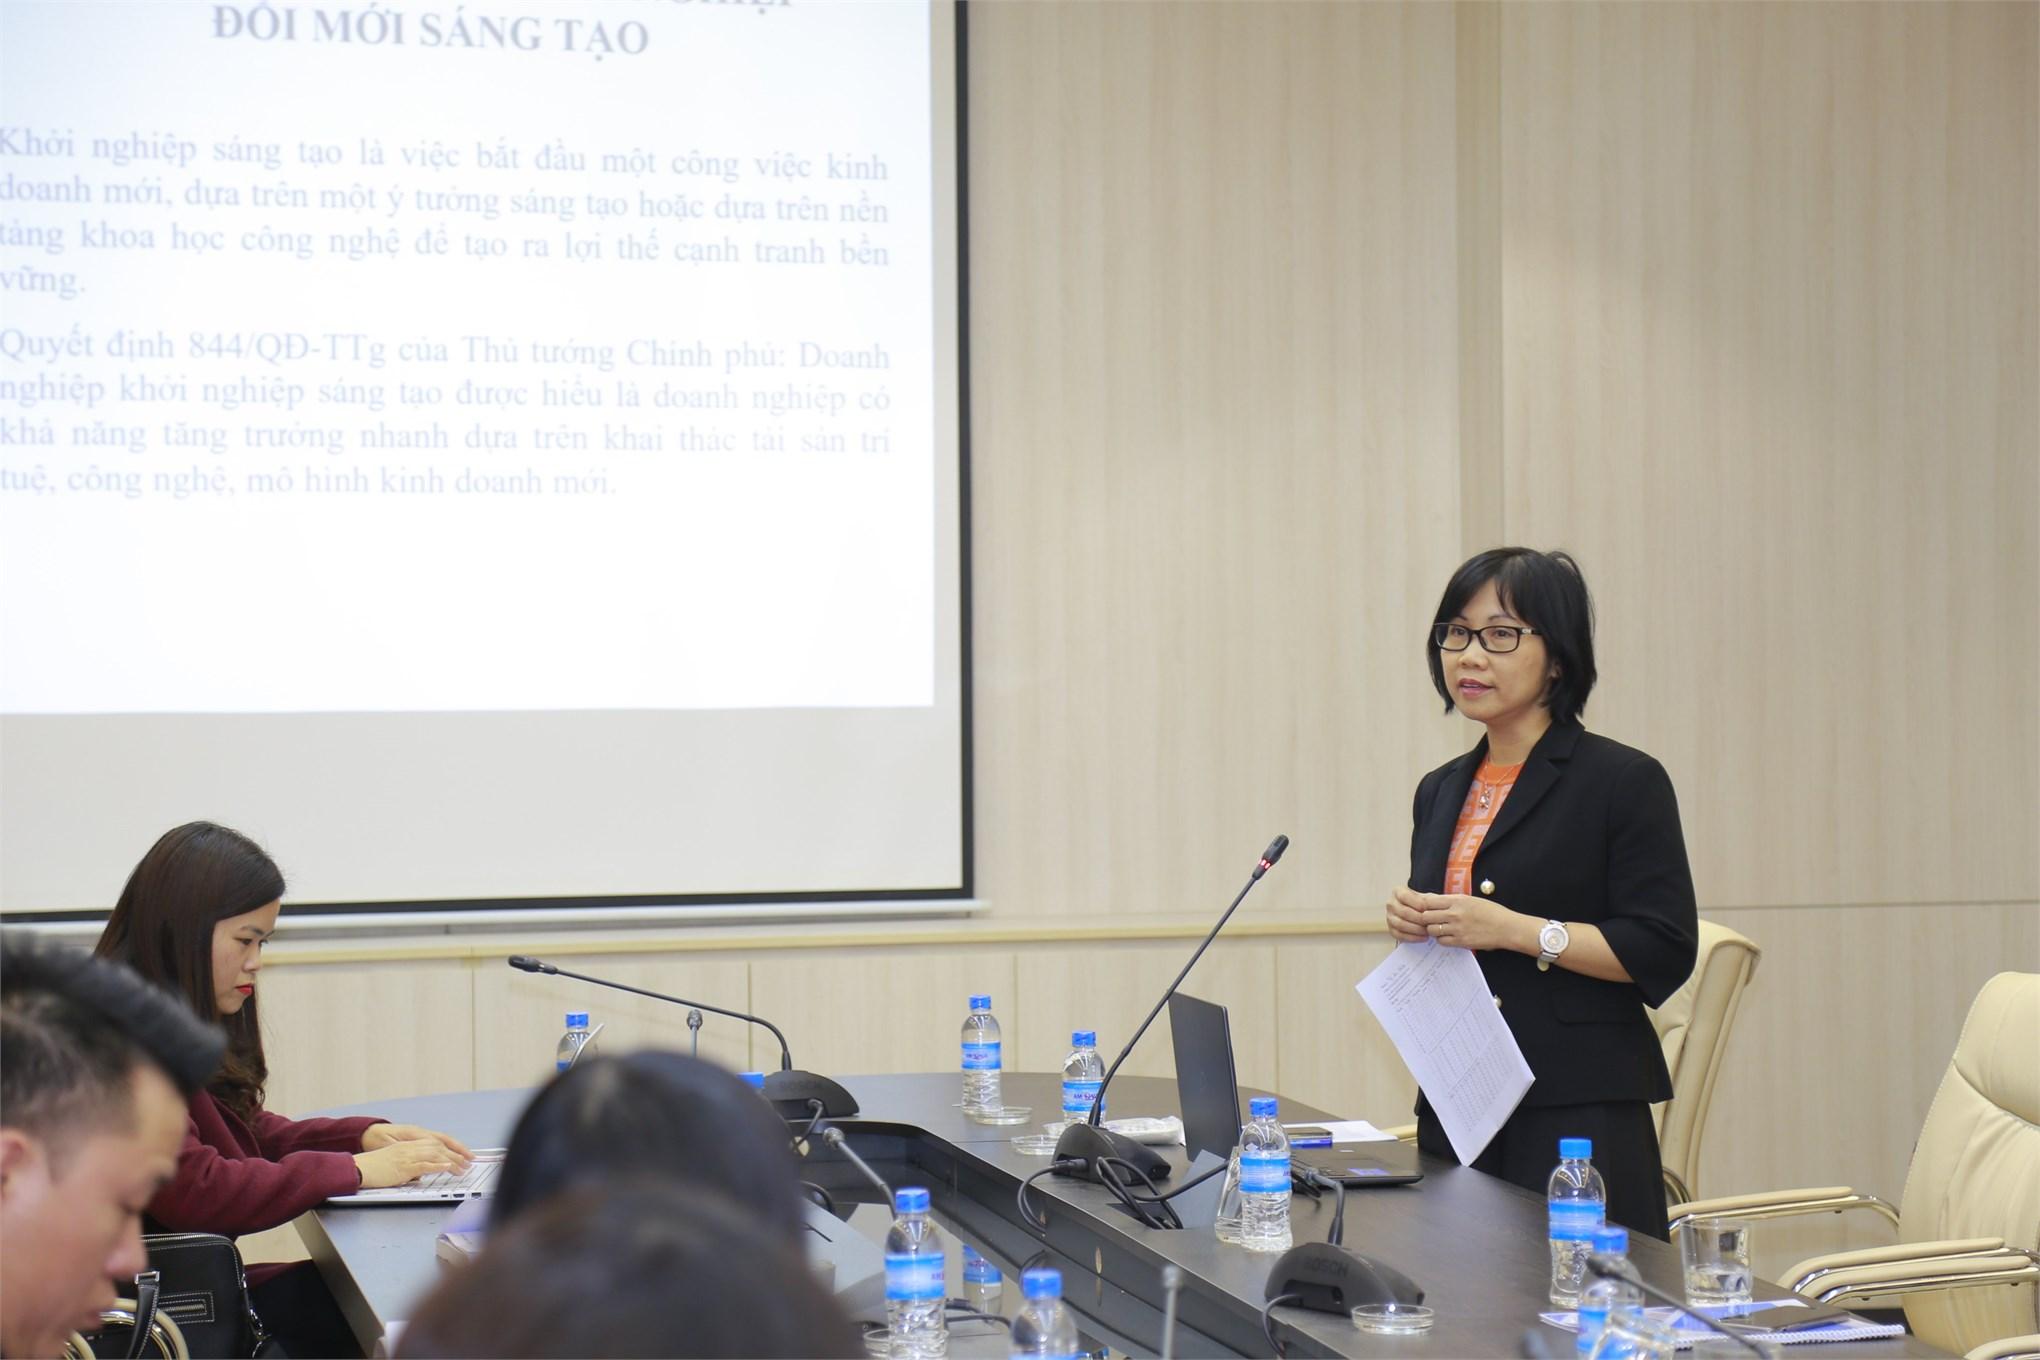 Các nhà khoa học trình bày tham luận tại các phiên làm việc chuyên môn